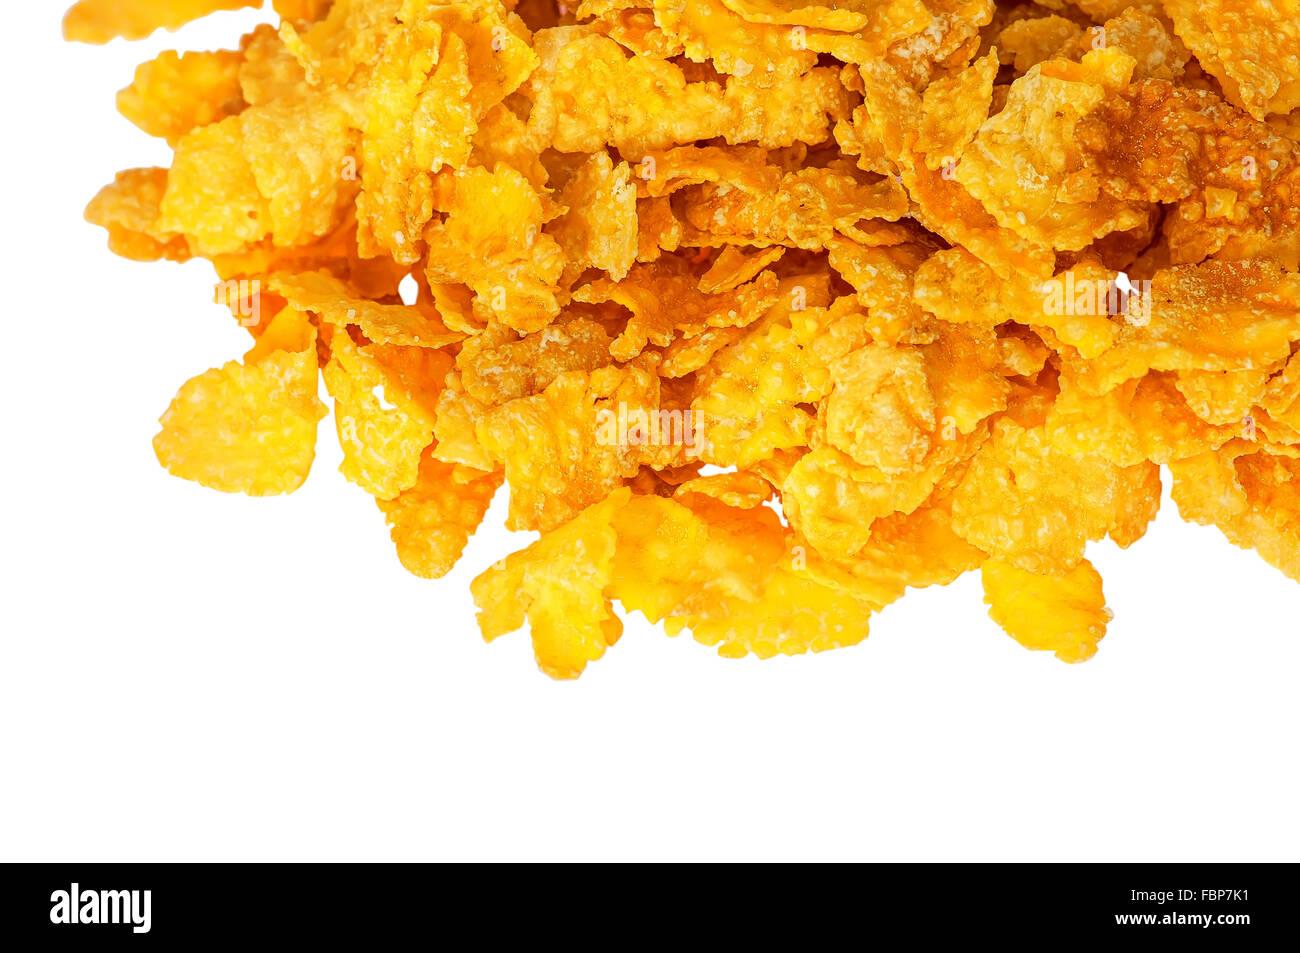 Parte montón de copos de maíz aislado sobre fondo blanco. Imagen De Stock